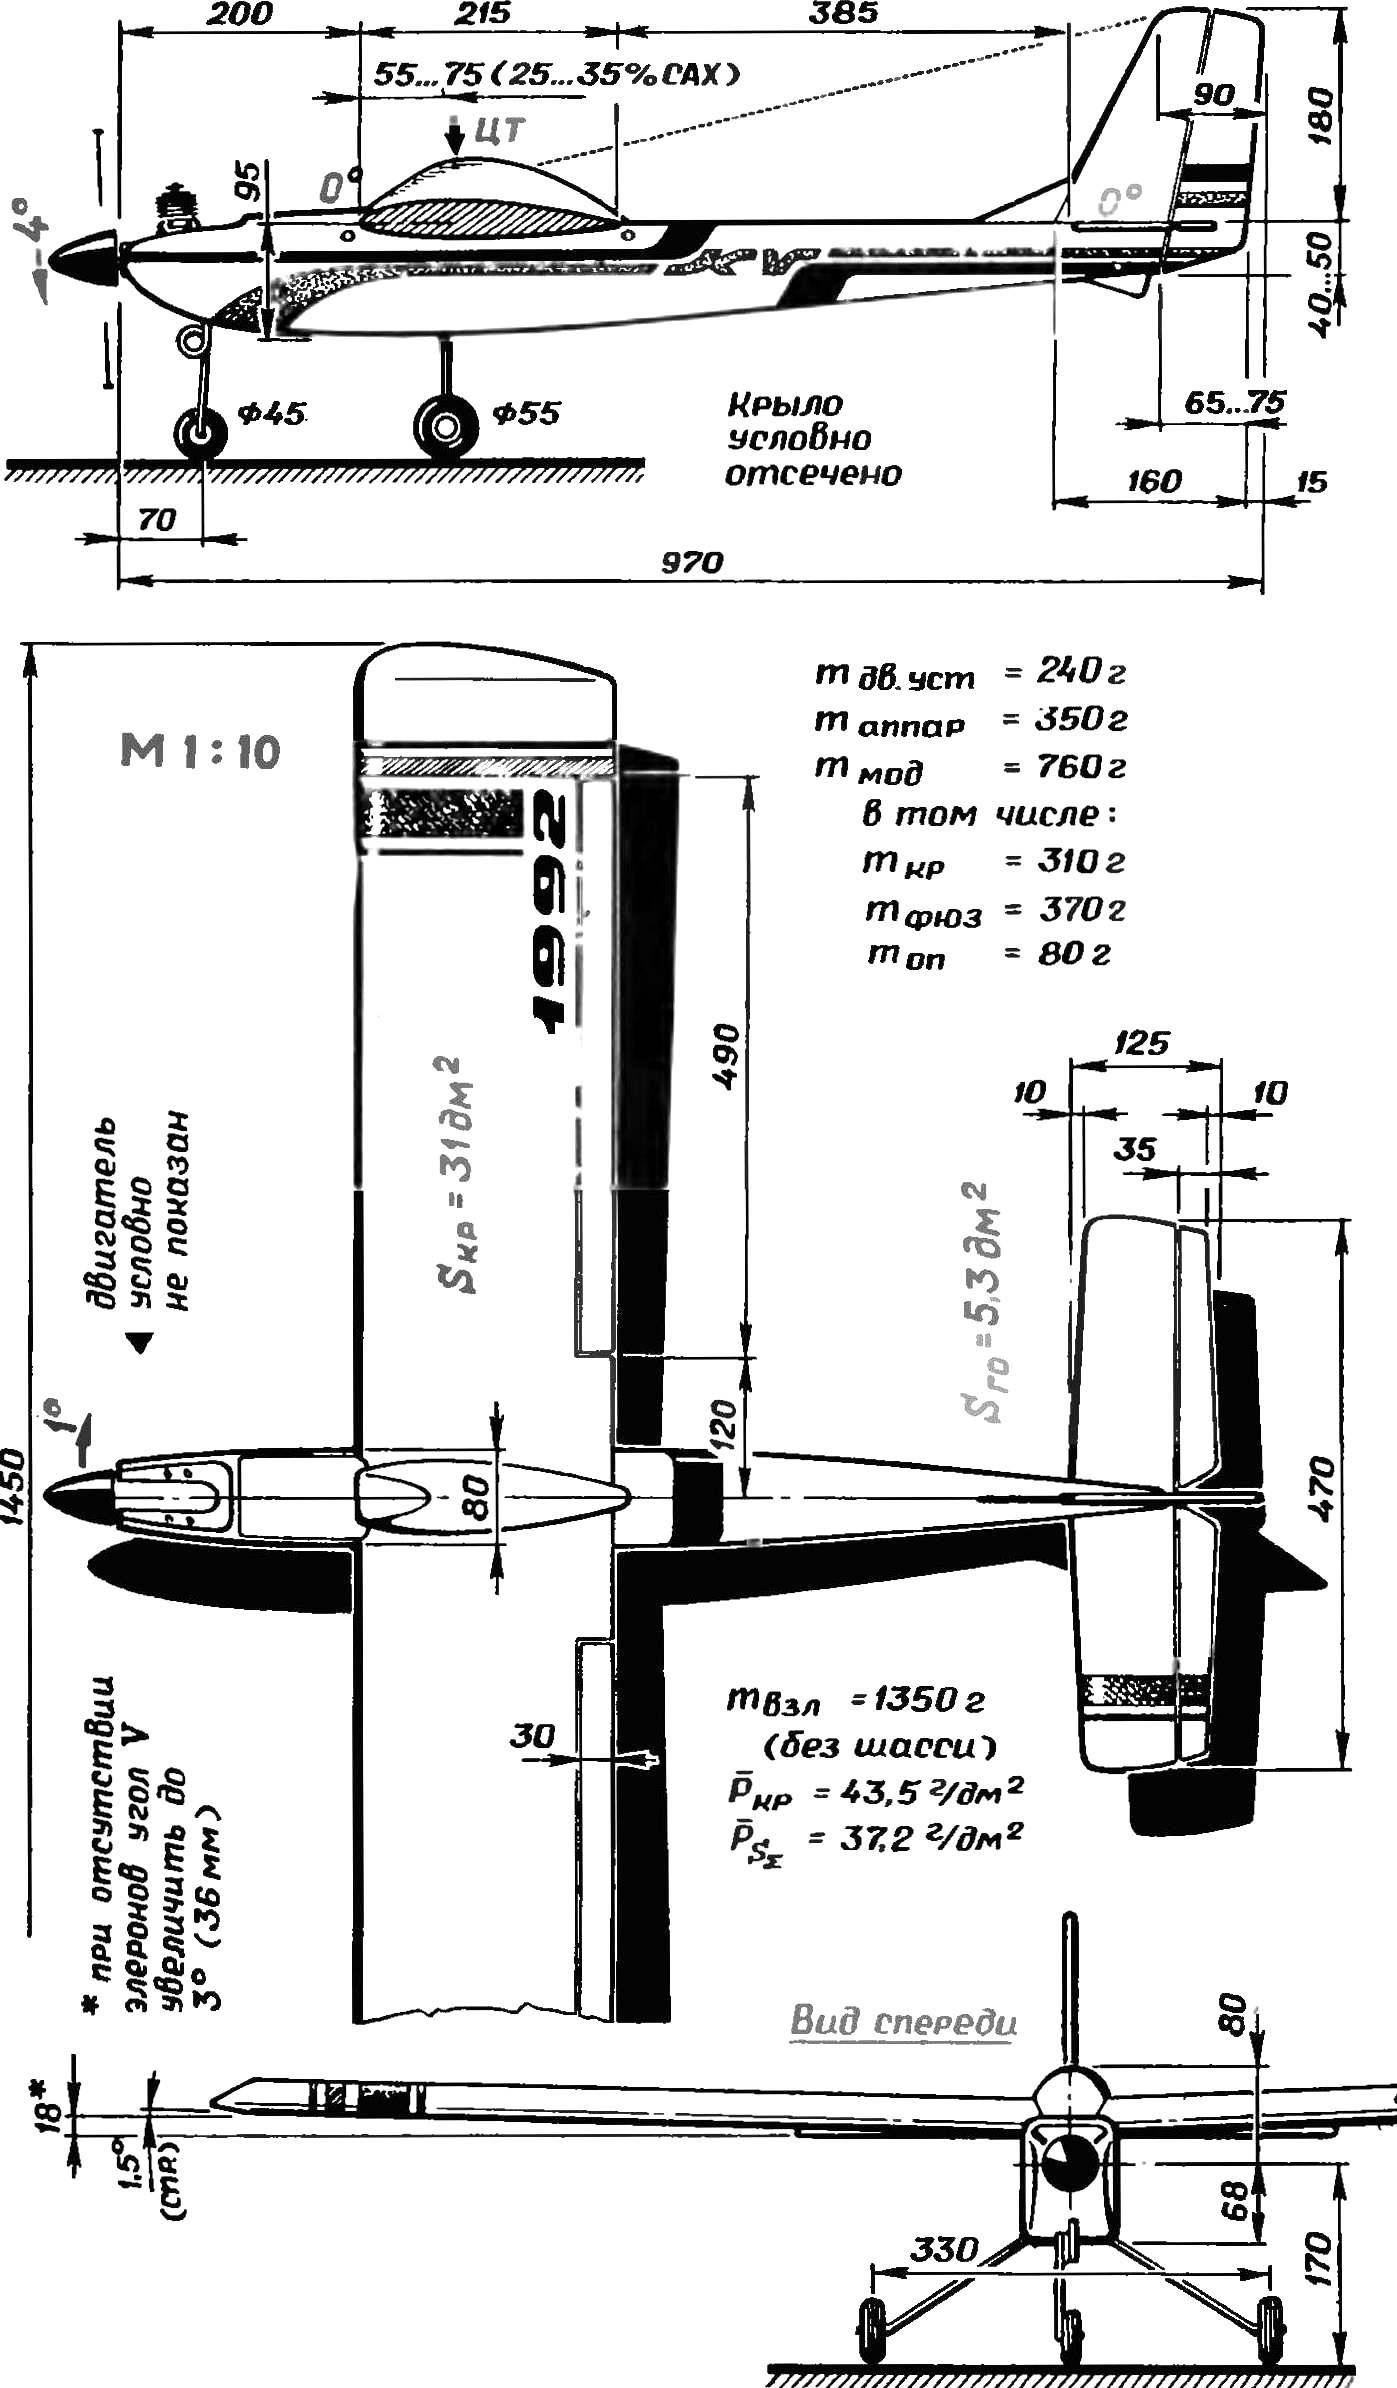 Универсальная радиоуправляемая модель. Основные геометрические параметры.